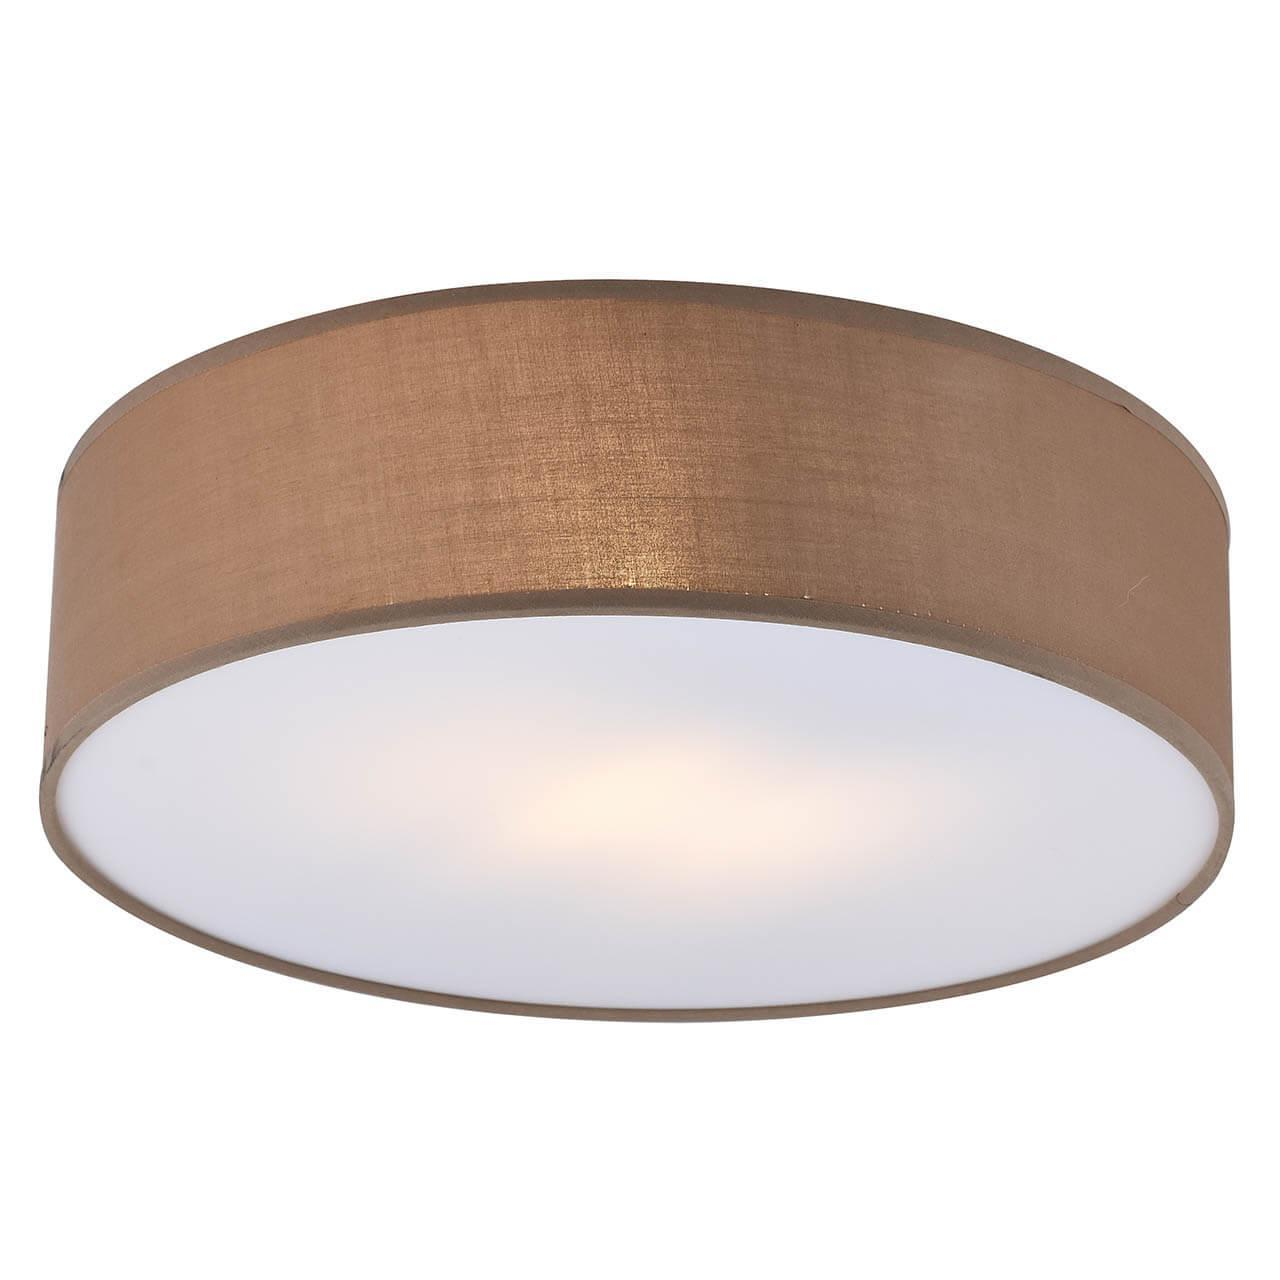 Потолочный светильник Hiper Toulouse H150-3